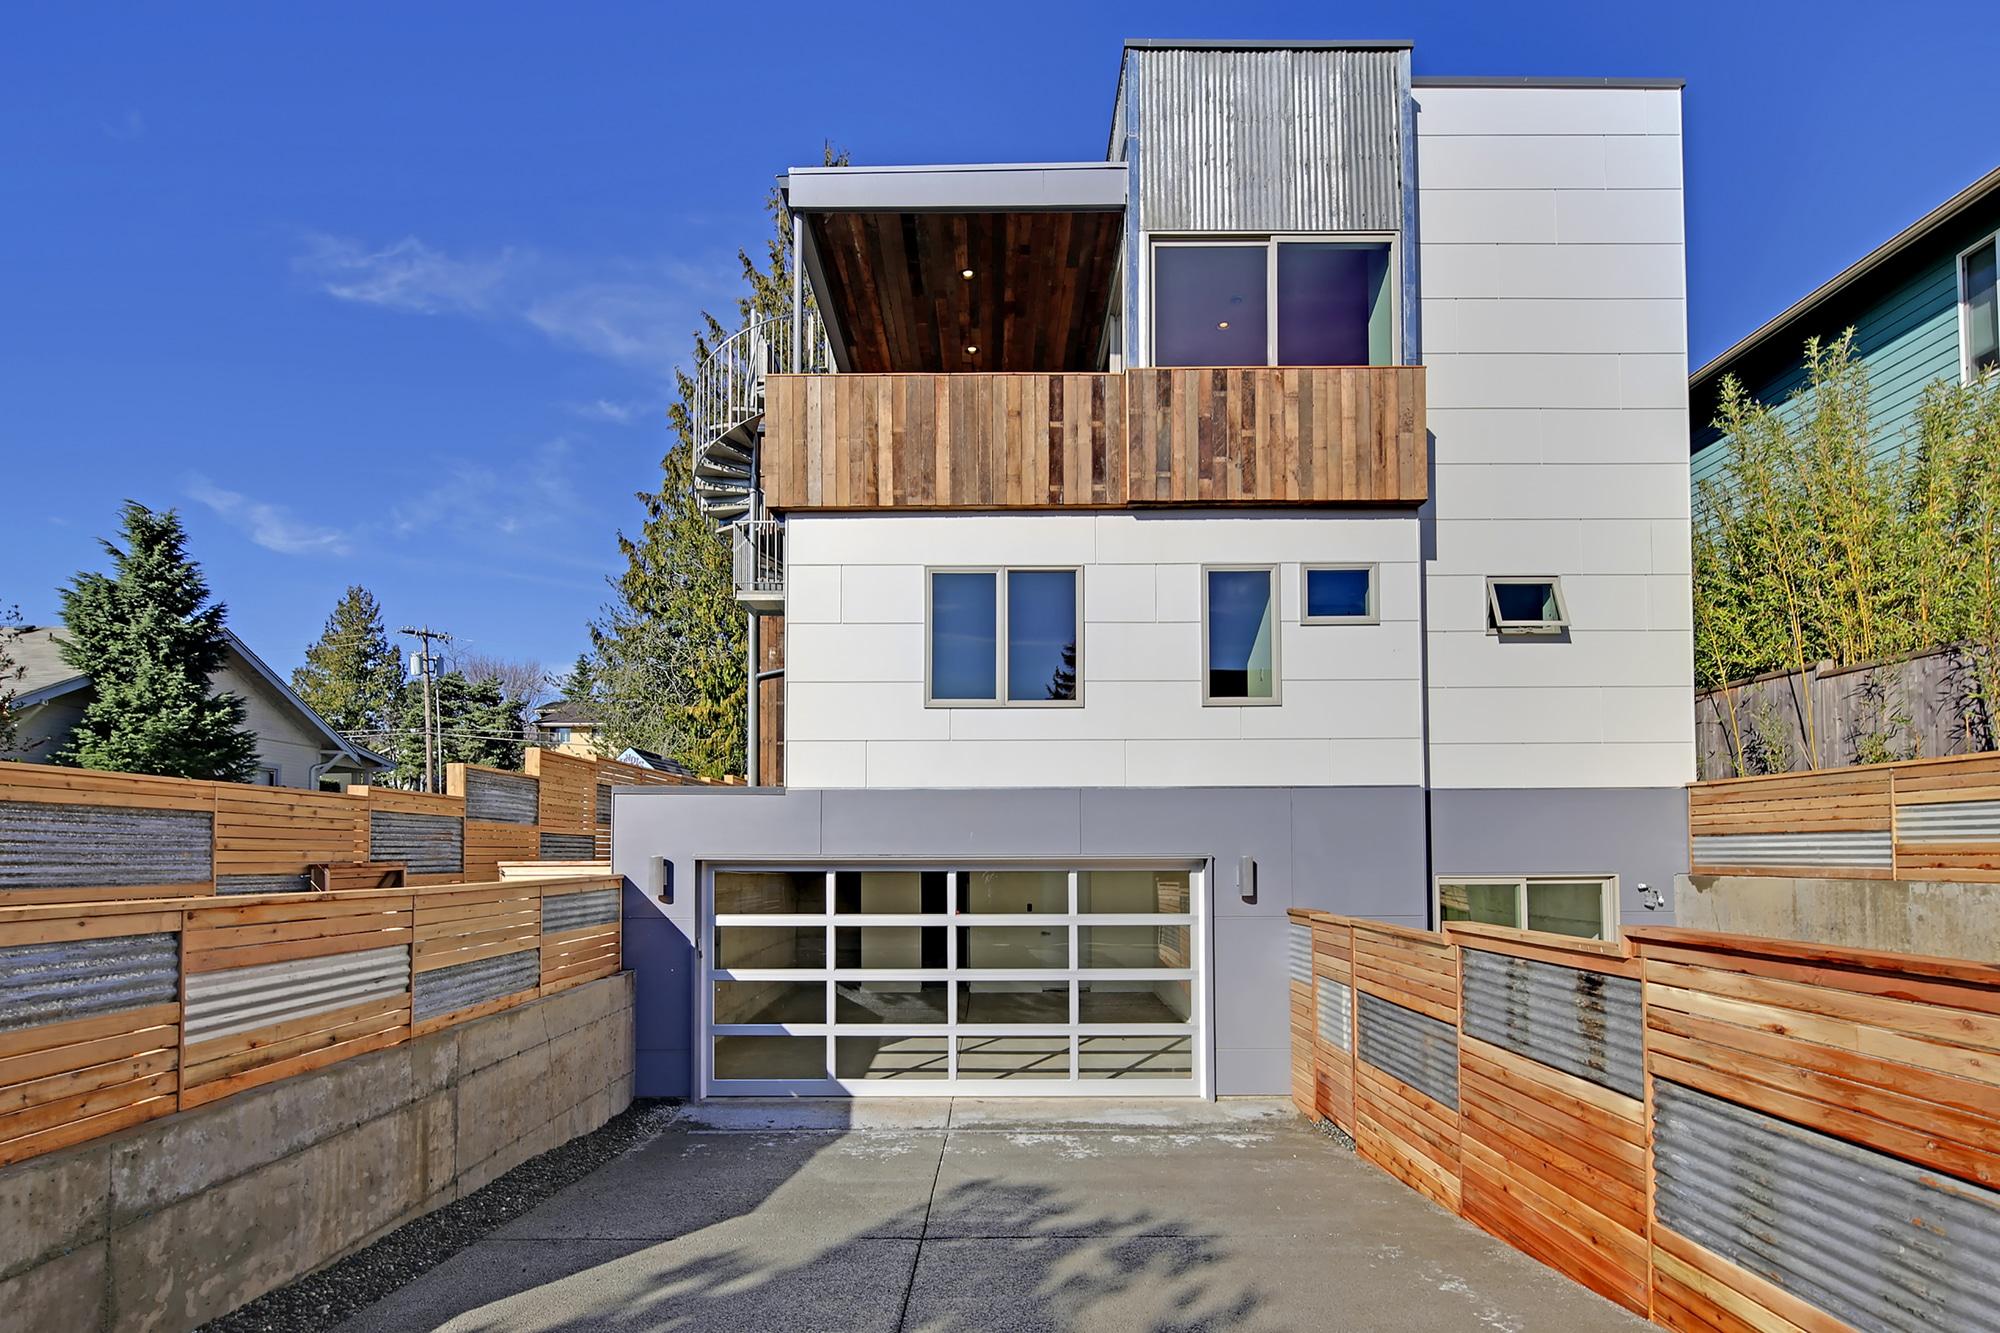 Dise o casa ecol gica autosuficiente planos construye - Construccion de casas modernas ...